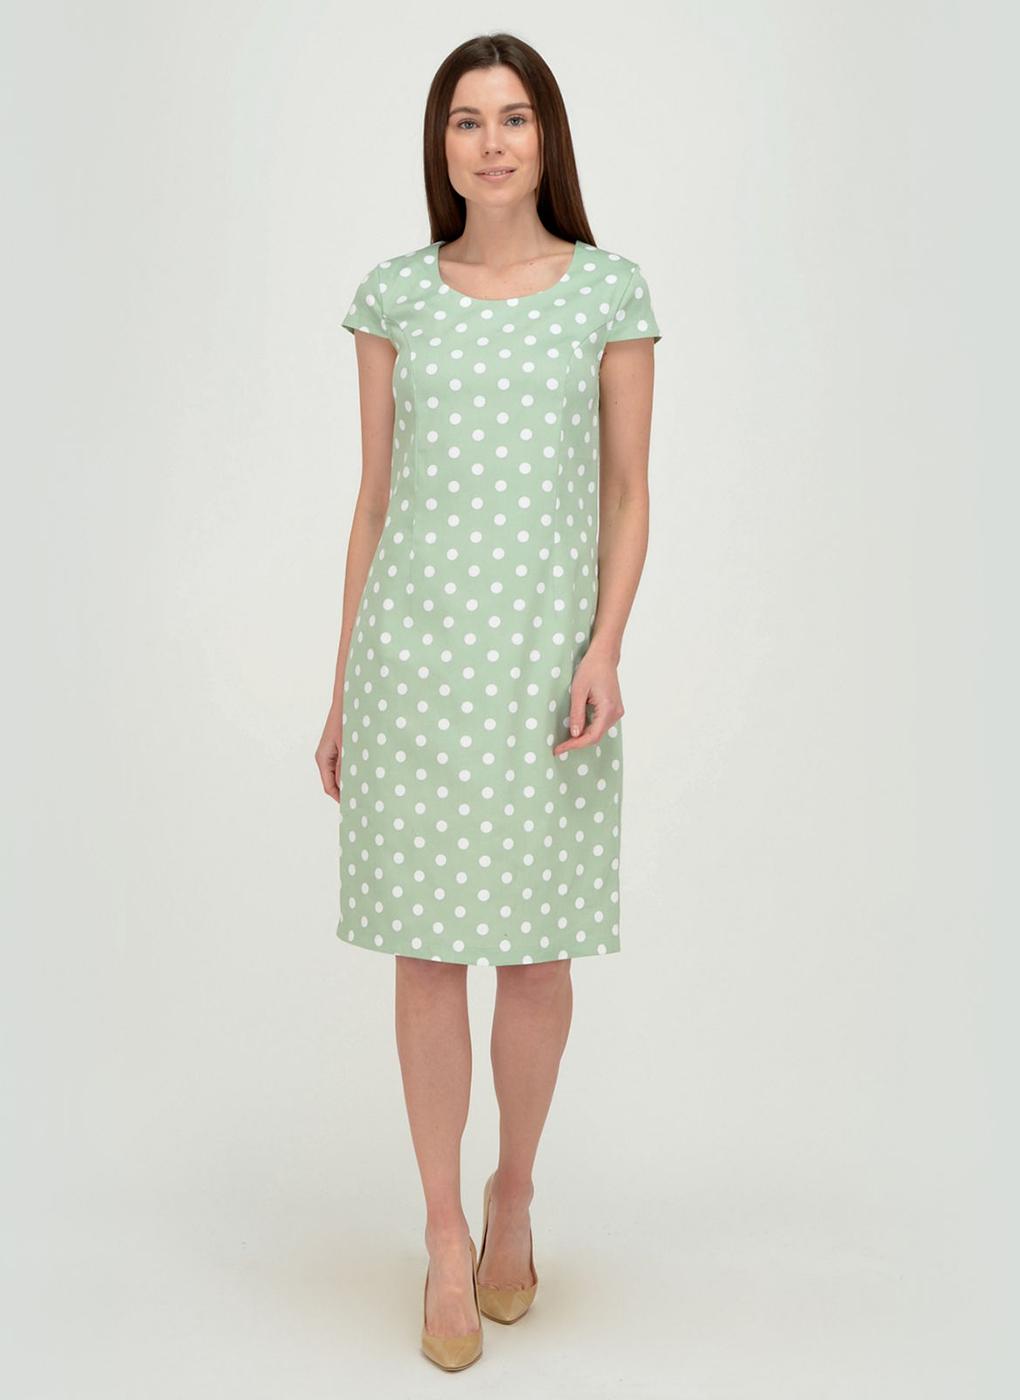 Платье приталенное 05, Viserdi фото